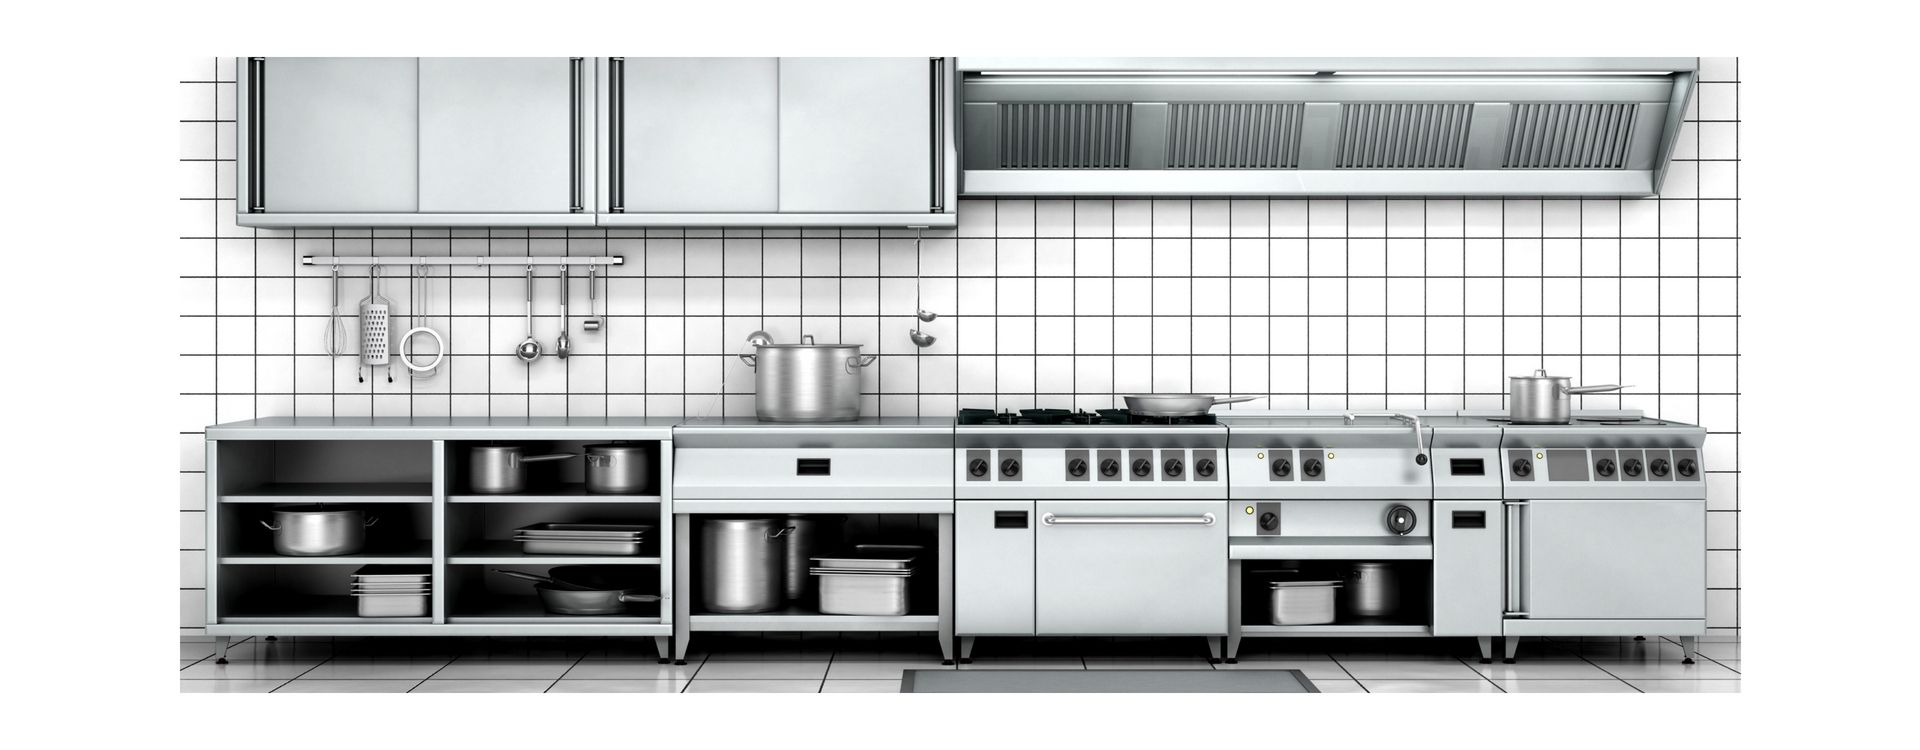 proyeccion y diseño de cocinas industriales - GRUPO GRANITA